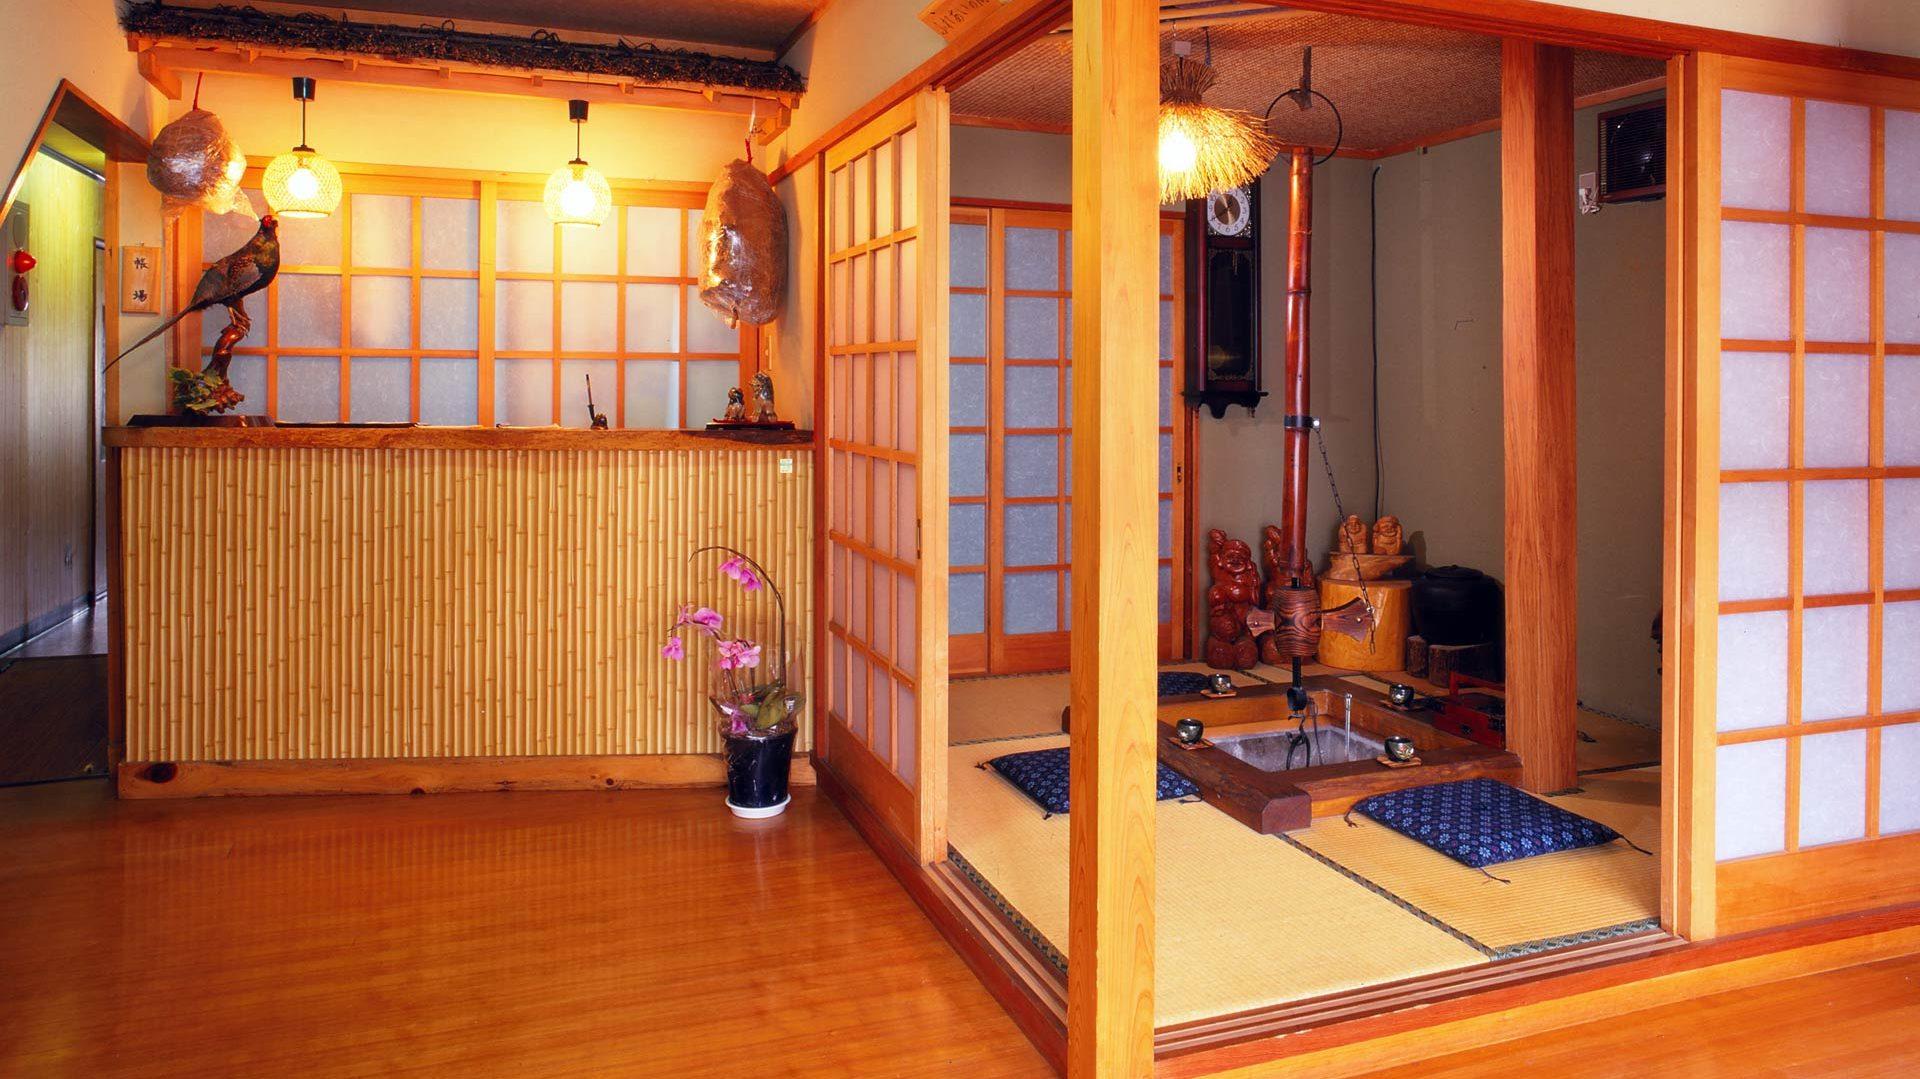 【公式】沢渡温泉 三喜屋旅館